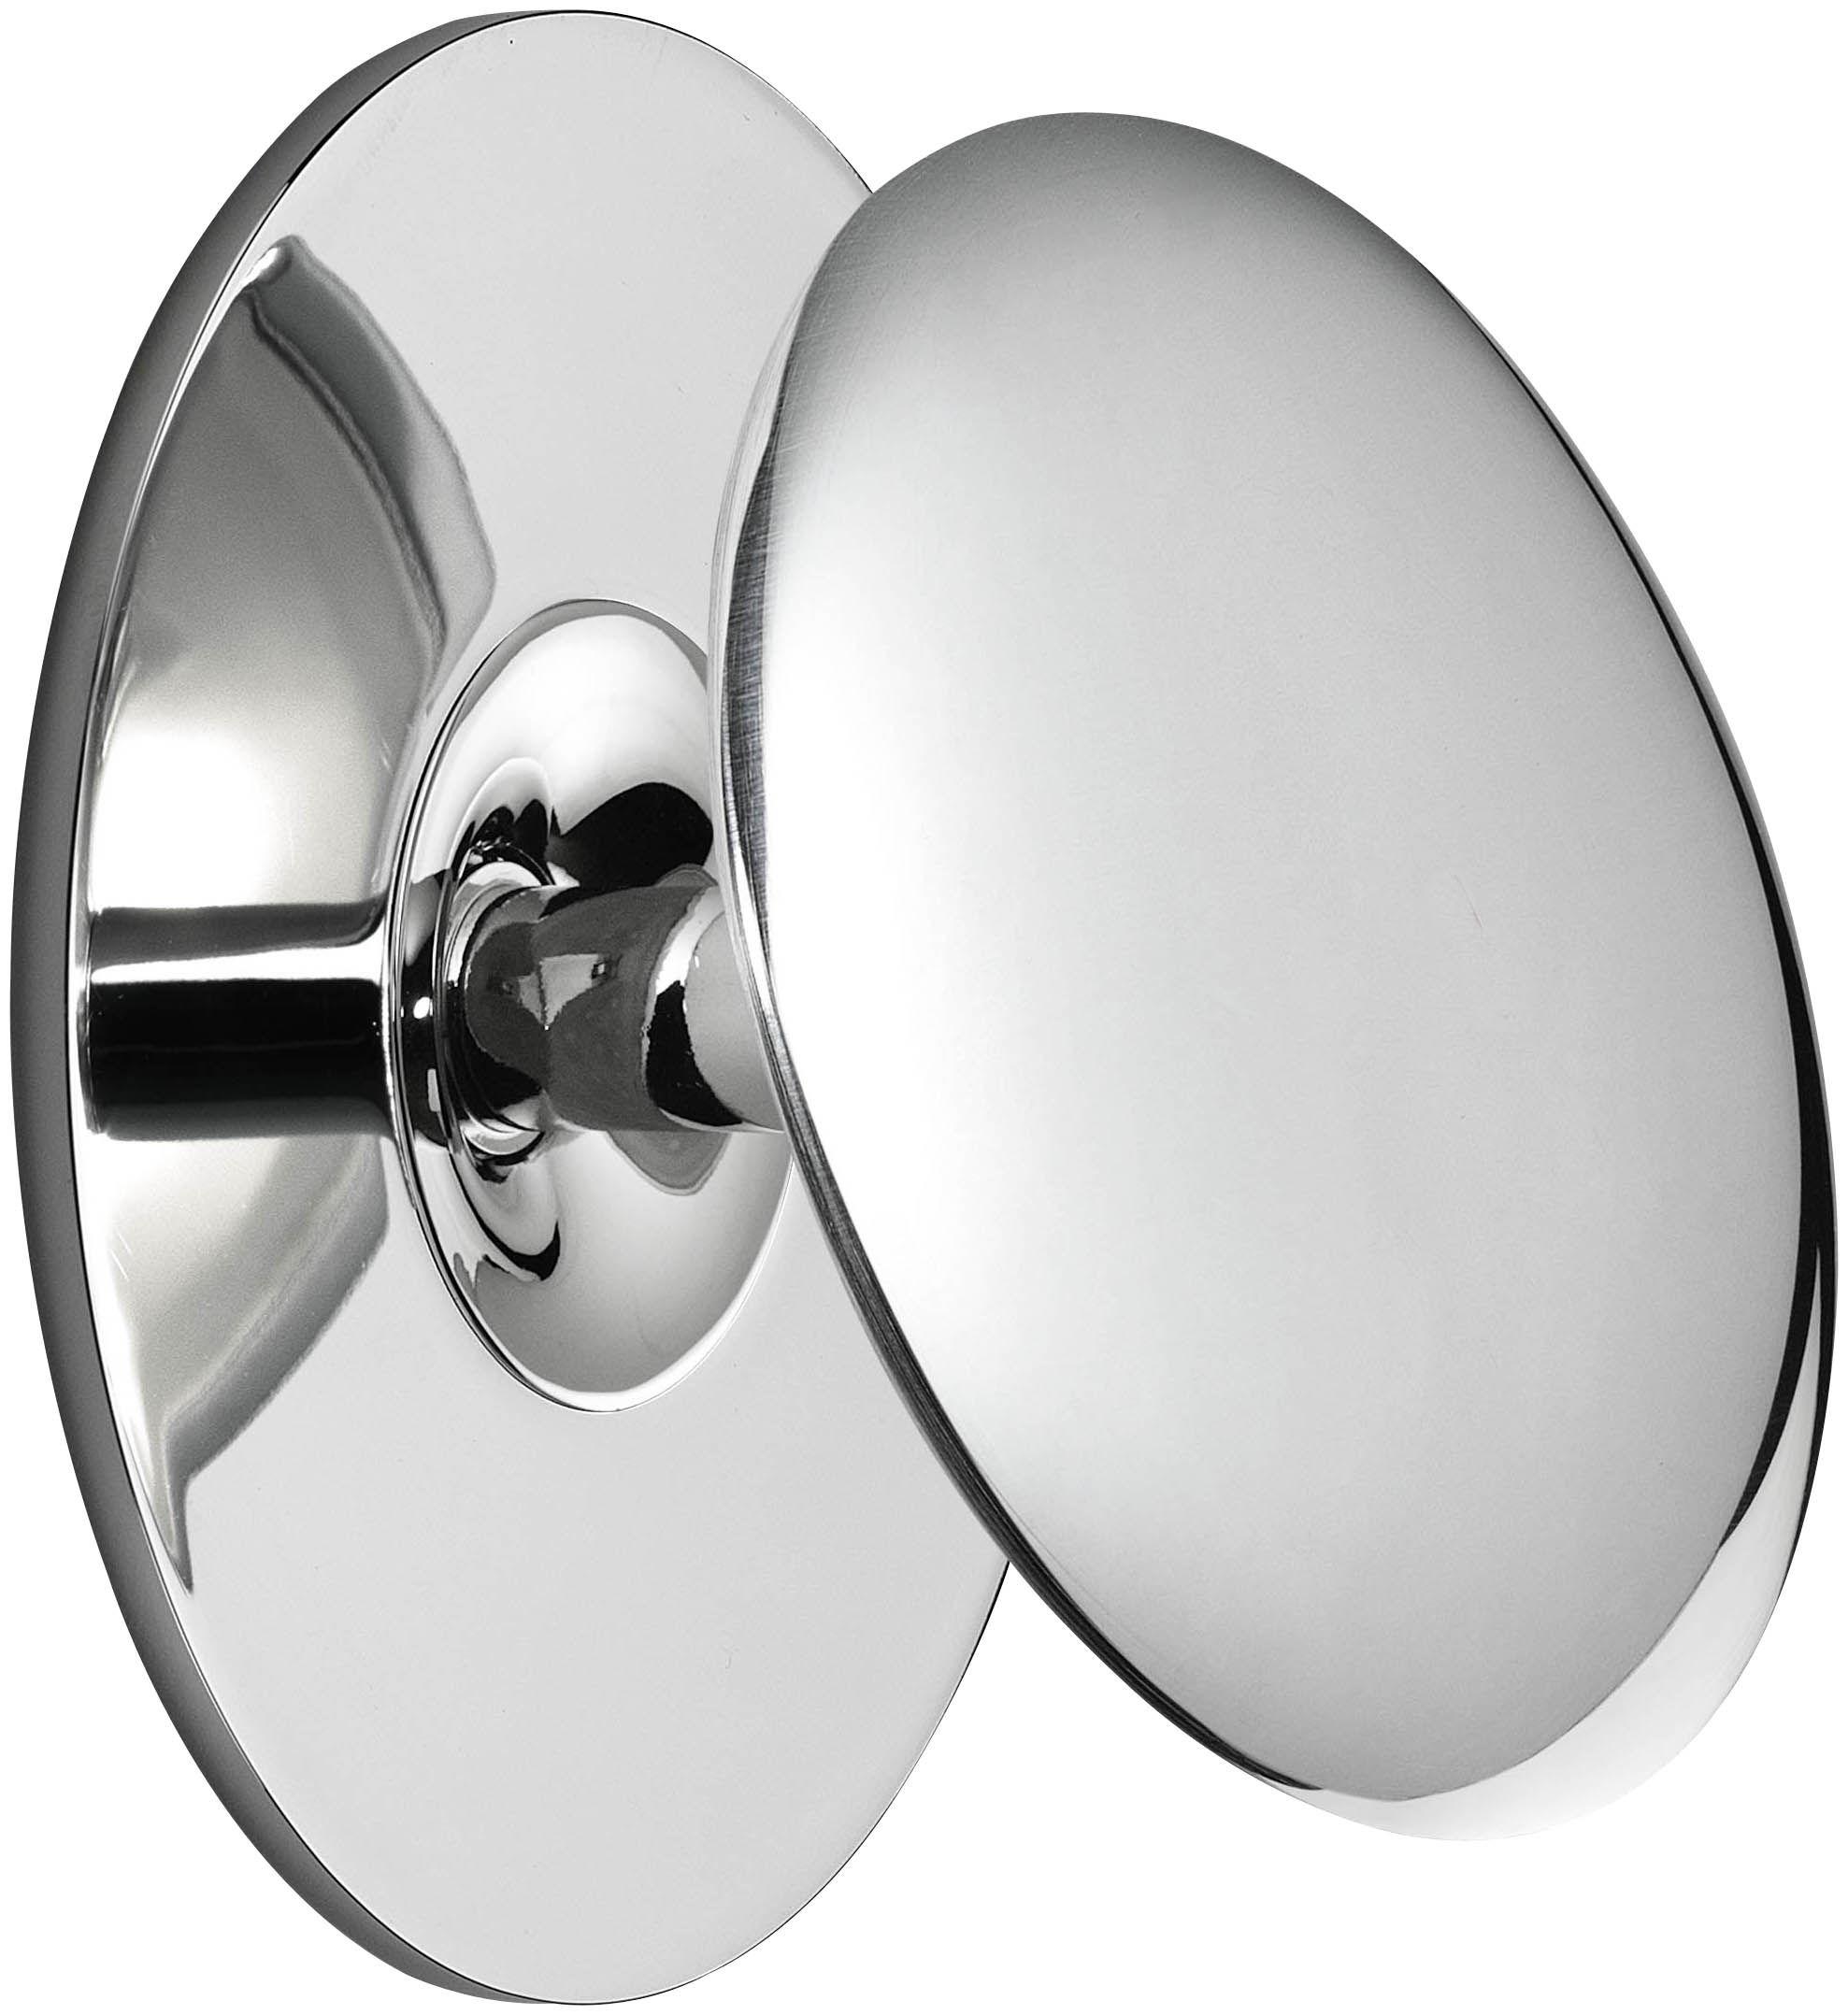 Luminaire - Appliques - Applique Back 2 LED / Ø 13,1 cm - Flos - Chromé - Aluminium moulé sous pression, Méthacrylate